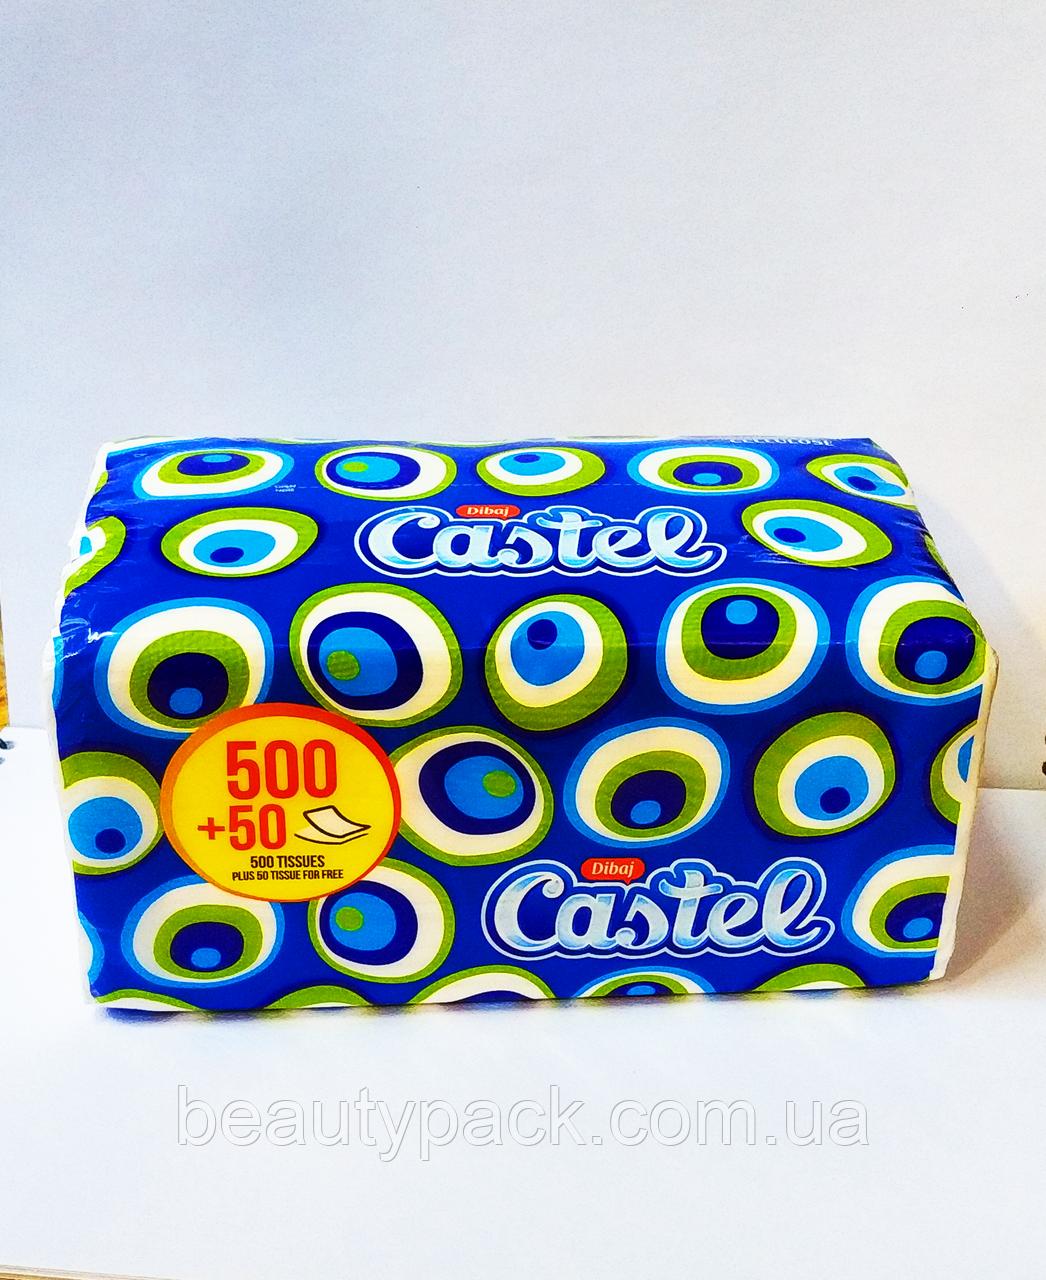 Салфетки Castee двухслойные гигиенические бумажные уп-500шт+(50)